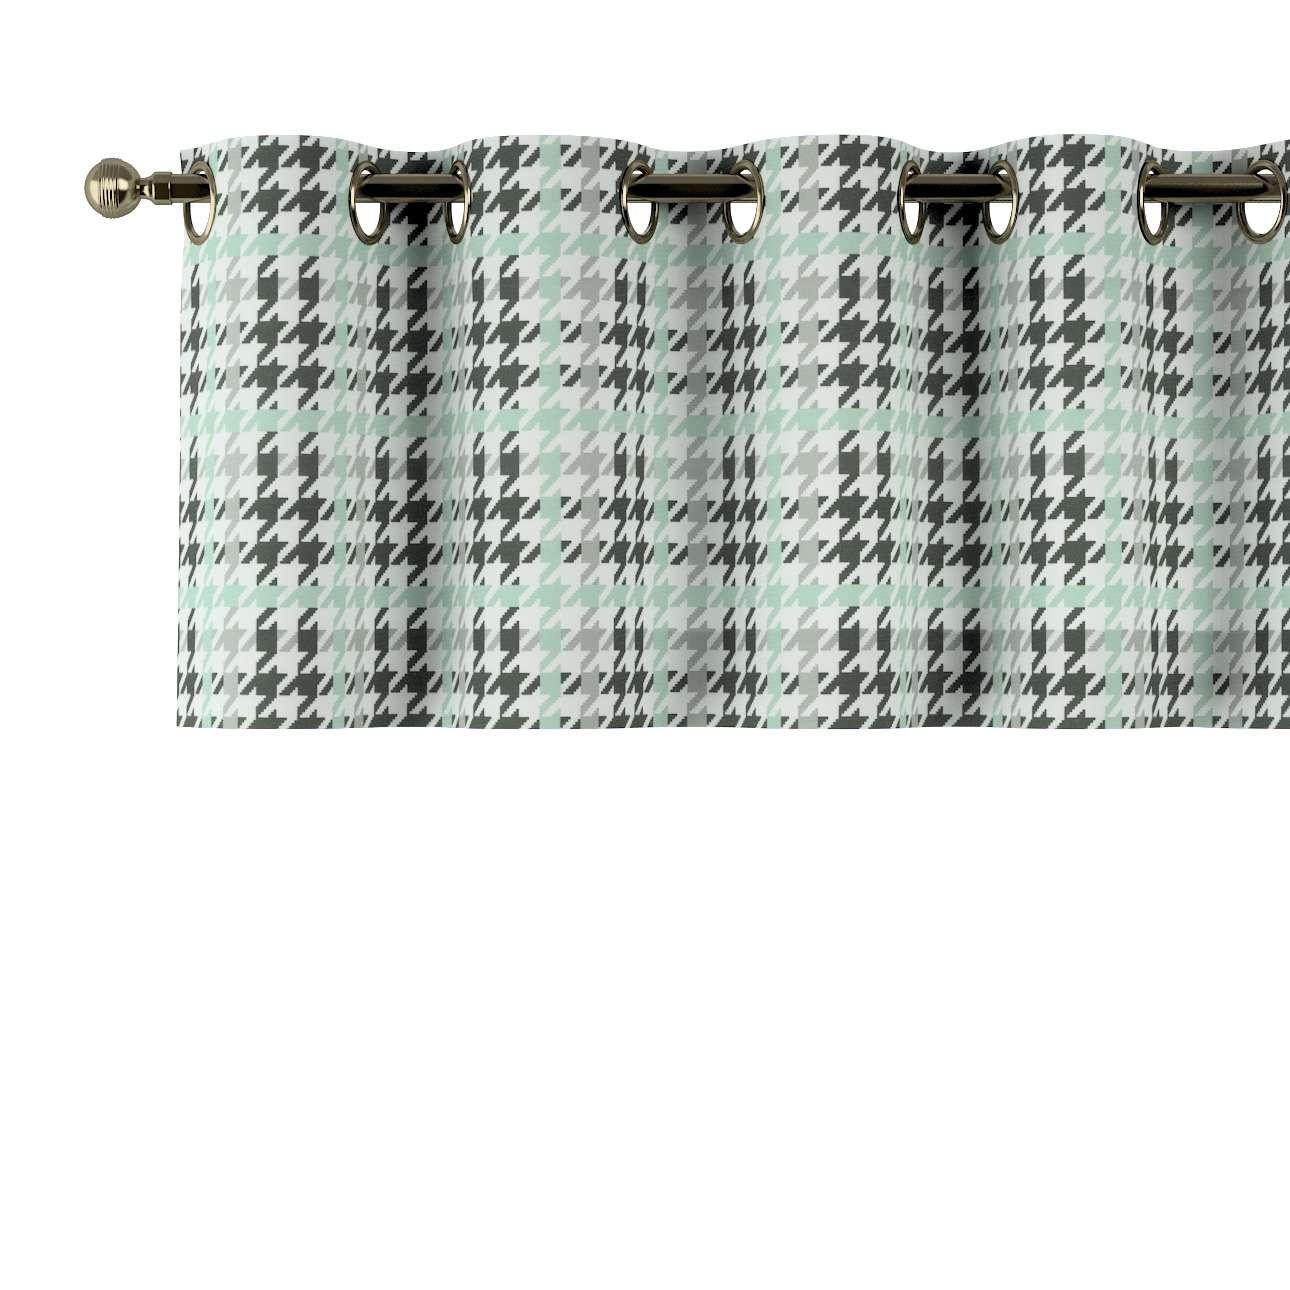 Trumpa užuolaidėlė (lambrekenas) žiedinis klostavimas 130x40cm kolekcijoje Brooklyn, audinys: 137-77